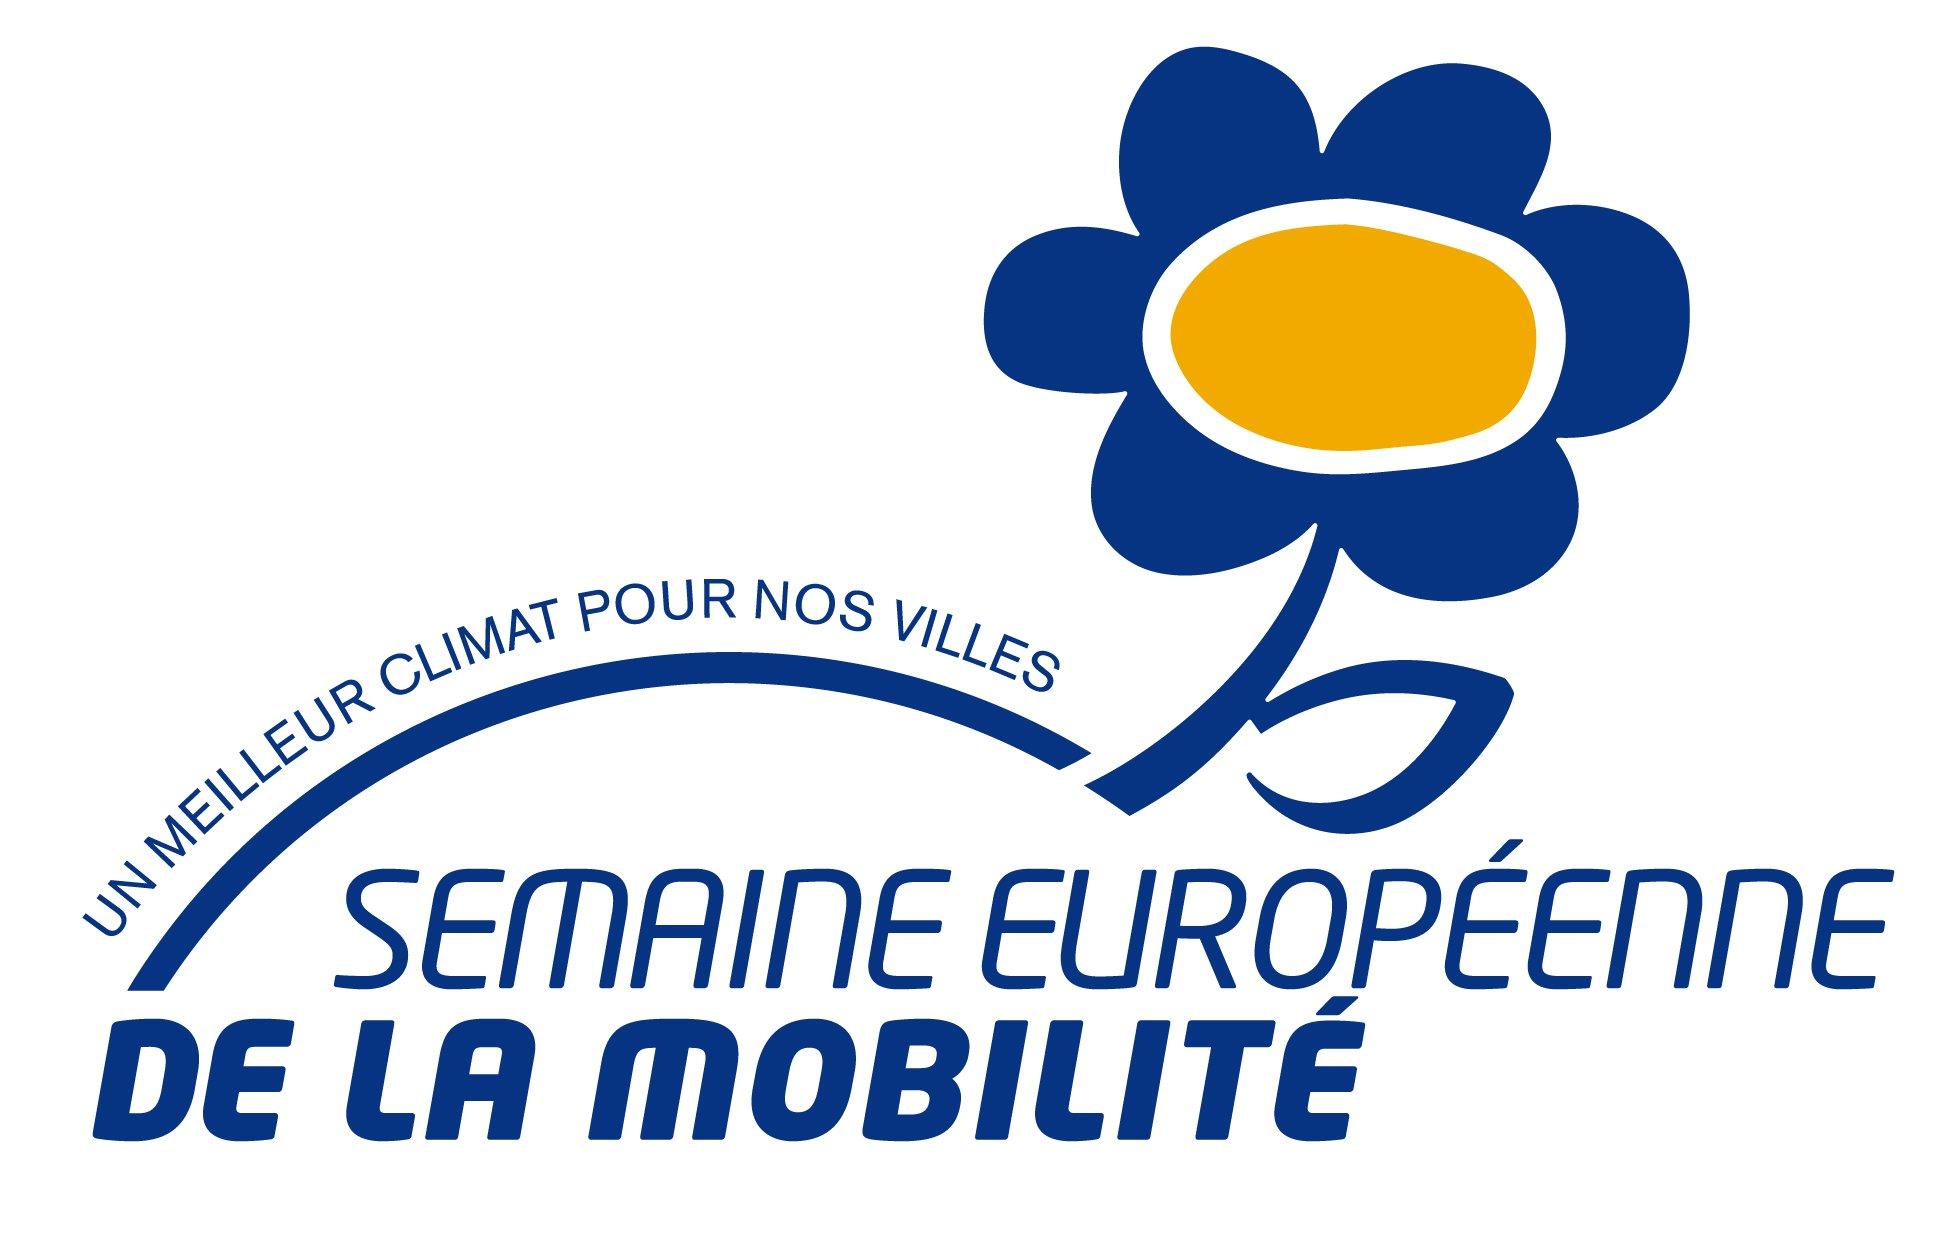 semaine de la mobilité logo